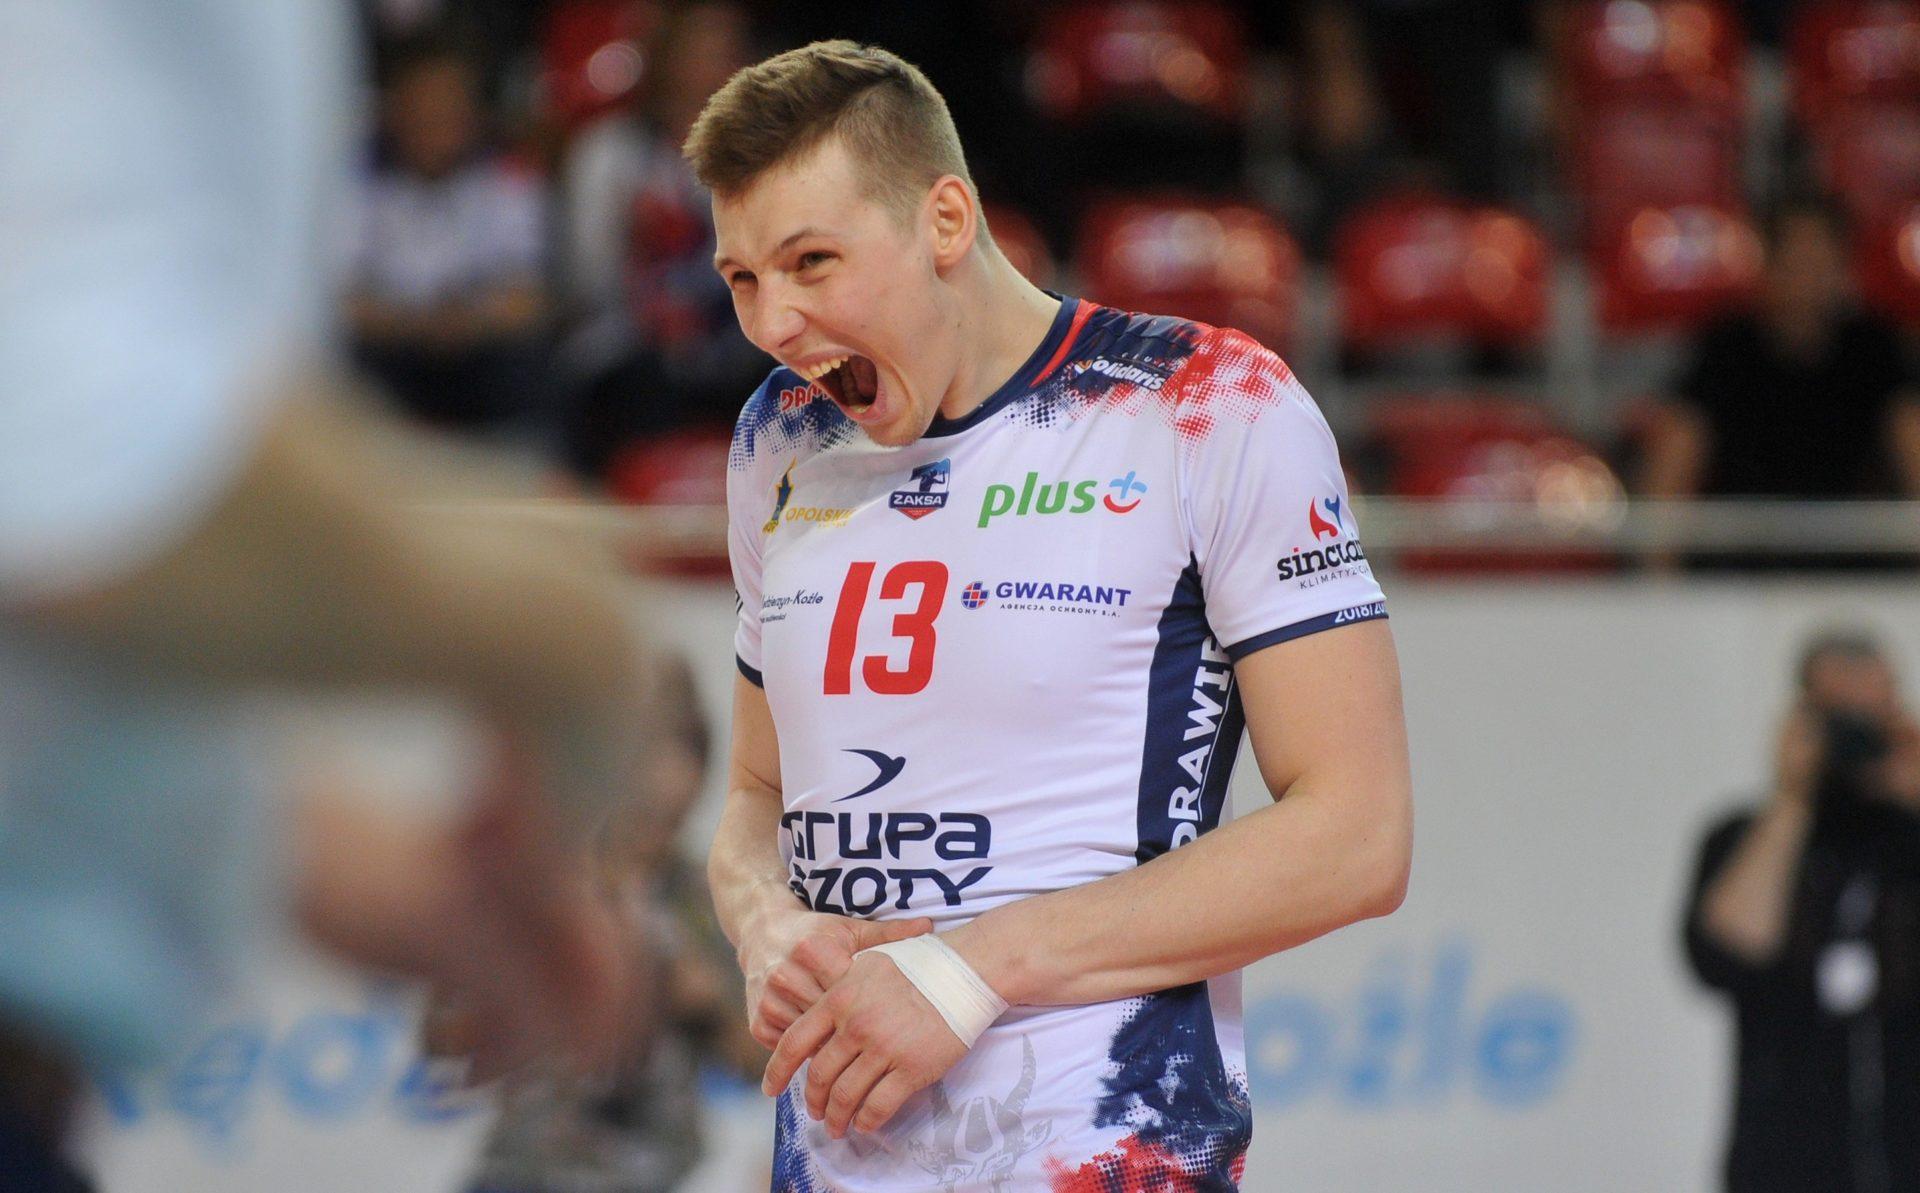 Rafał Szymura: Taka gra cechuje najlepsze drużyny